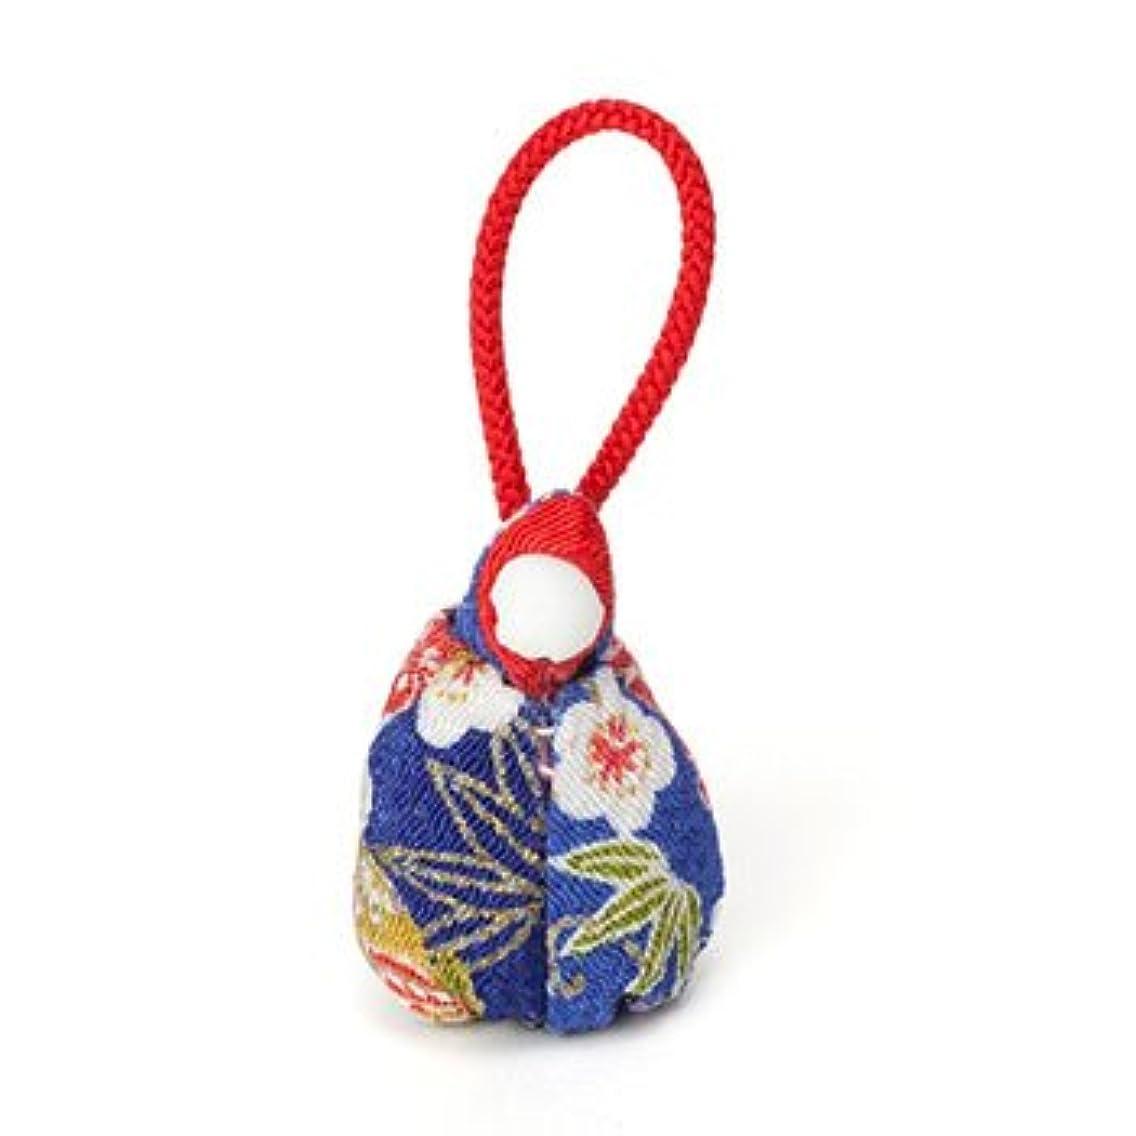 地殻エレベーター会話型匂い袋 誰が袖 だるまさん 1個入 ケースなし (色?柄は選べません)